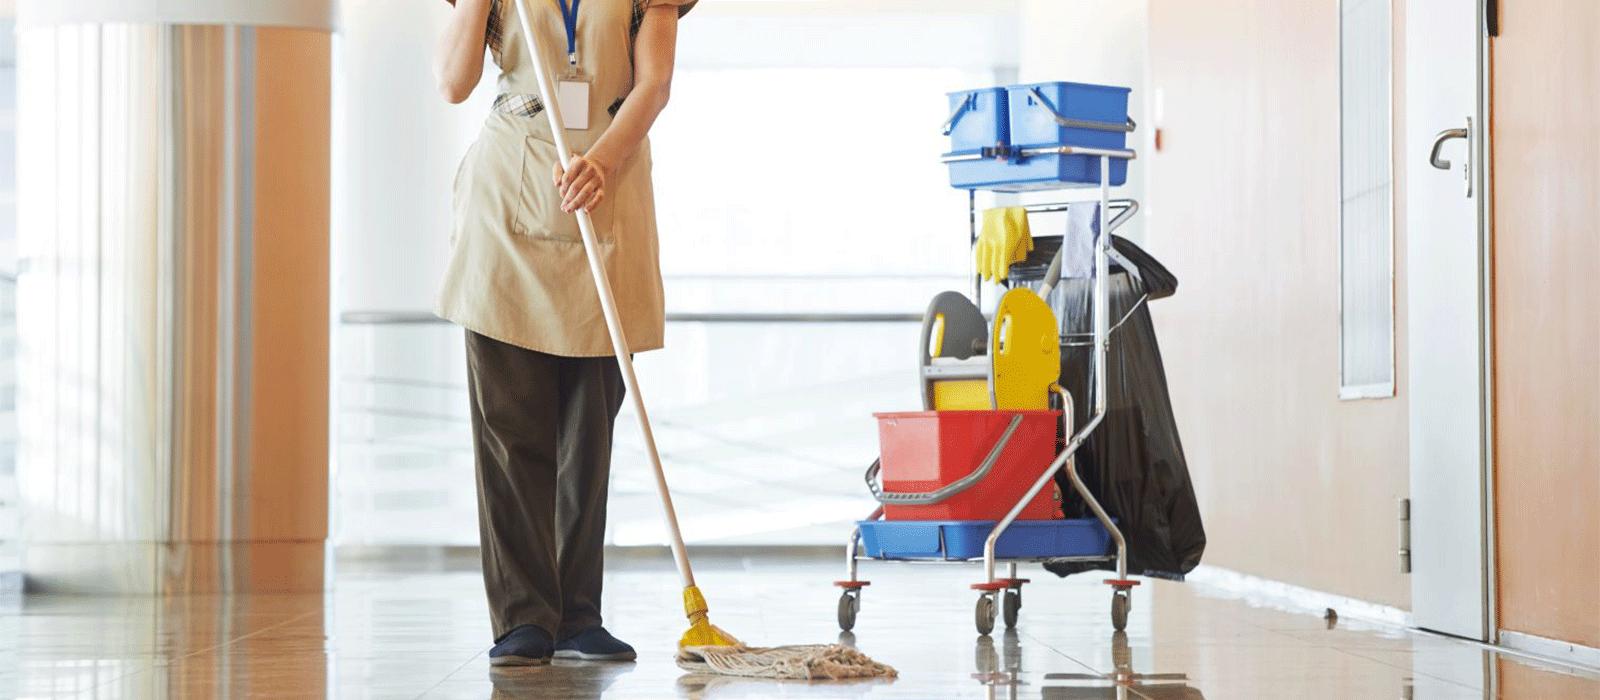 firma servicii curatenie Bucuresti firma servicii curatenie bucuresti Firma servicii curatenie commercial